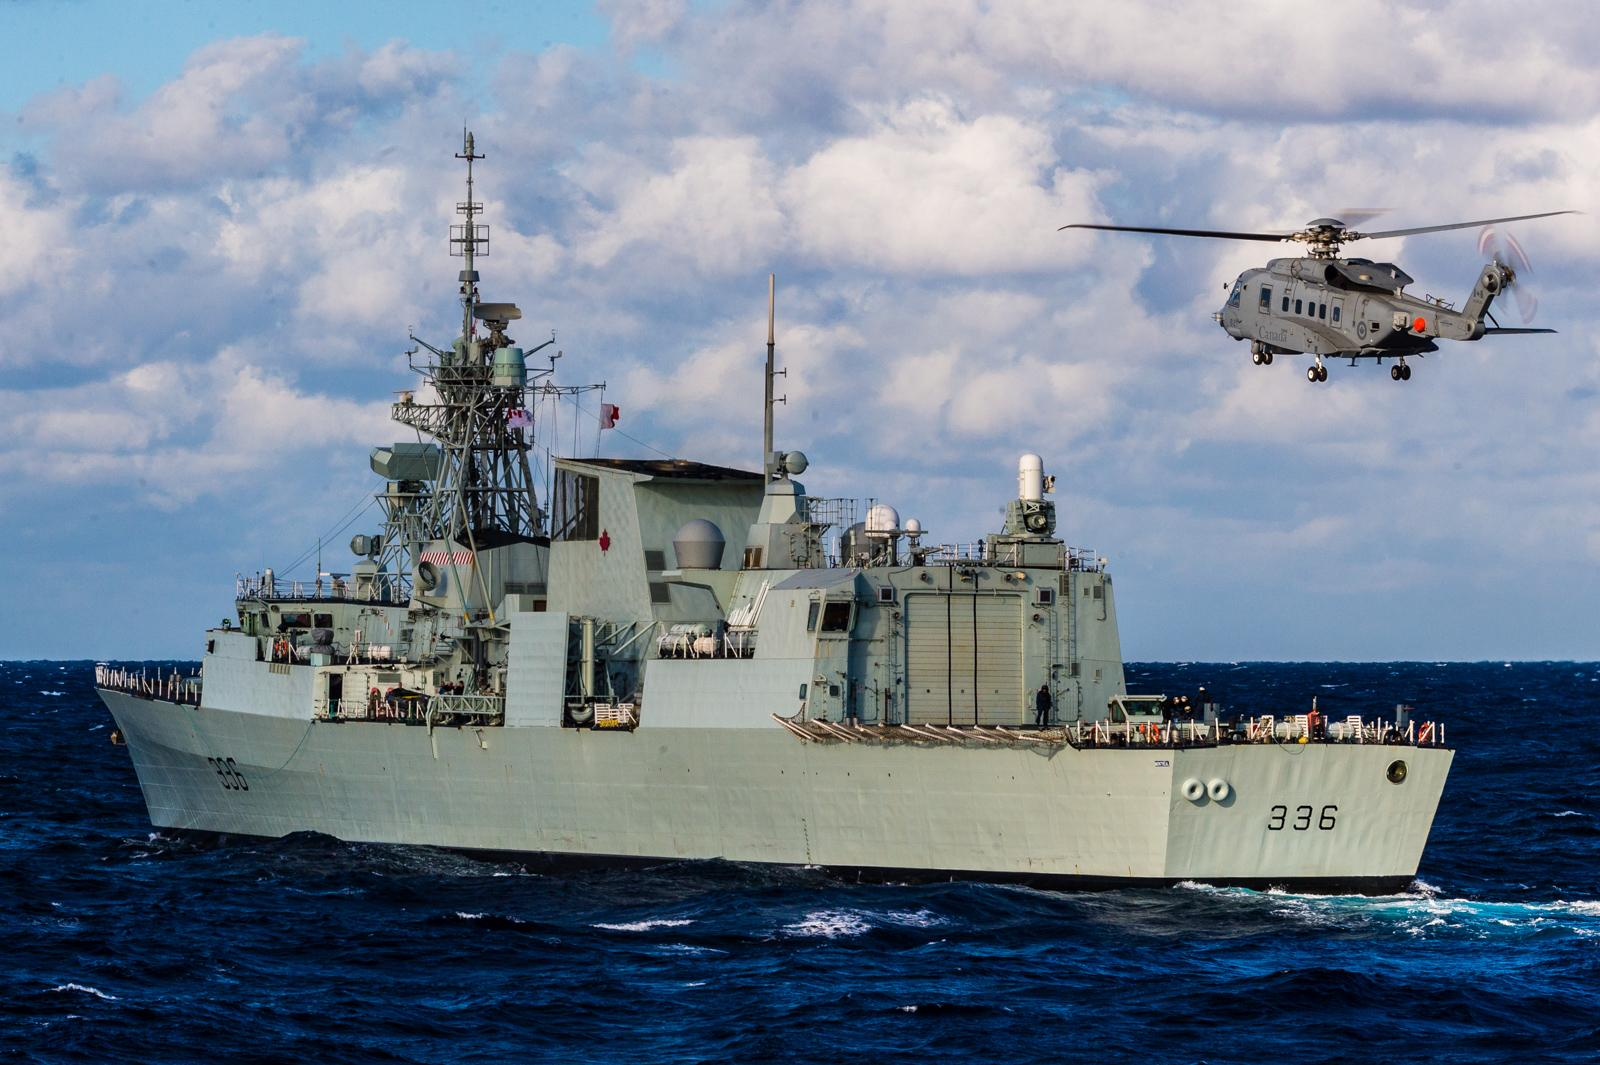 HMCS Montréal